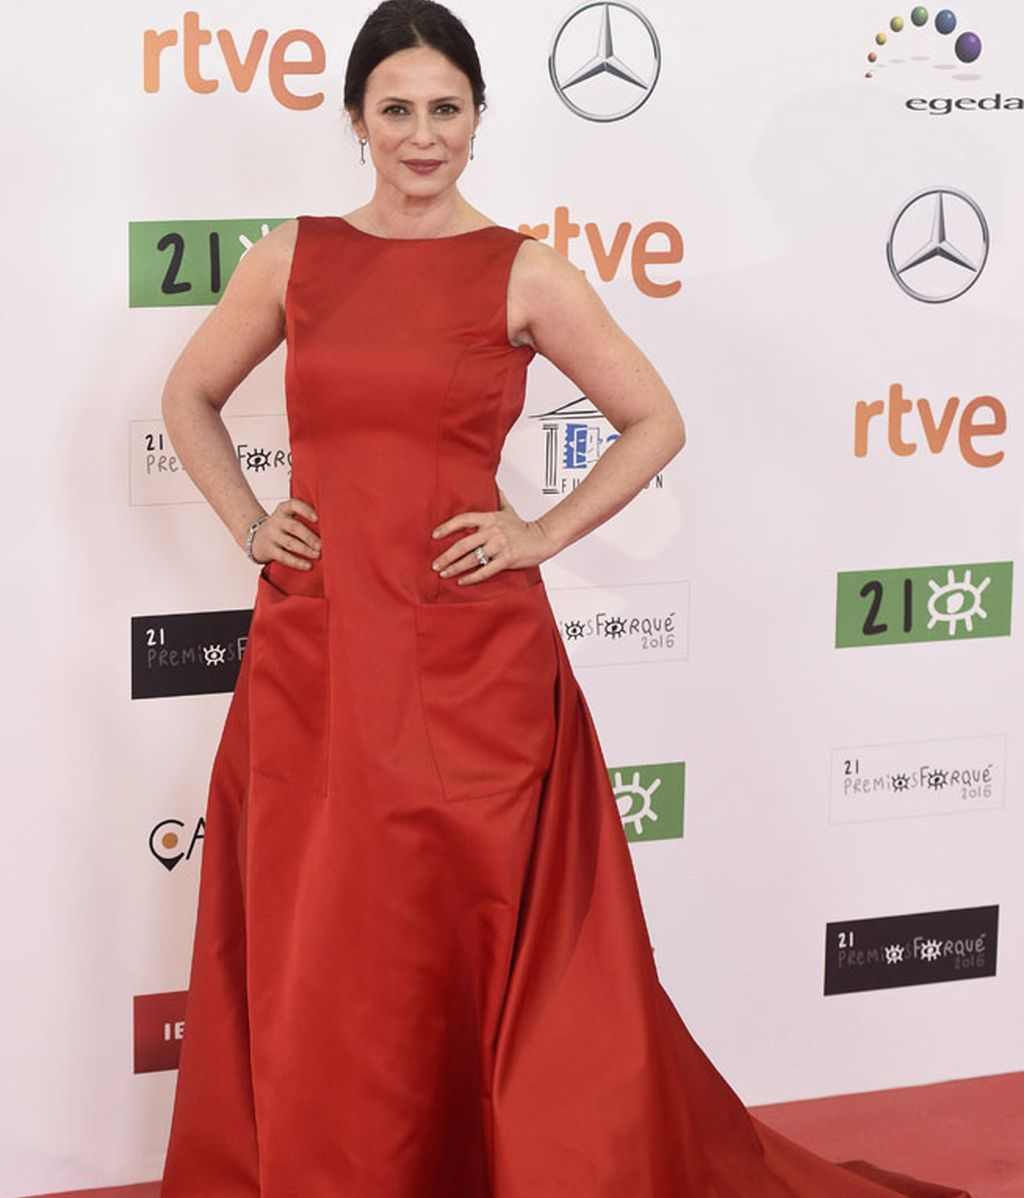 Aitana Sánchez Gijón eligió vestido largo rojo con cola